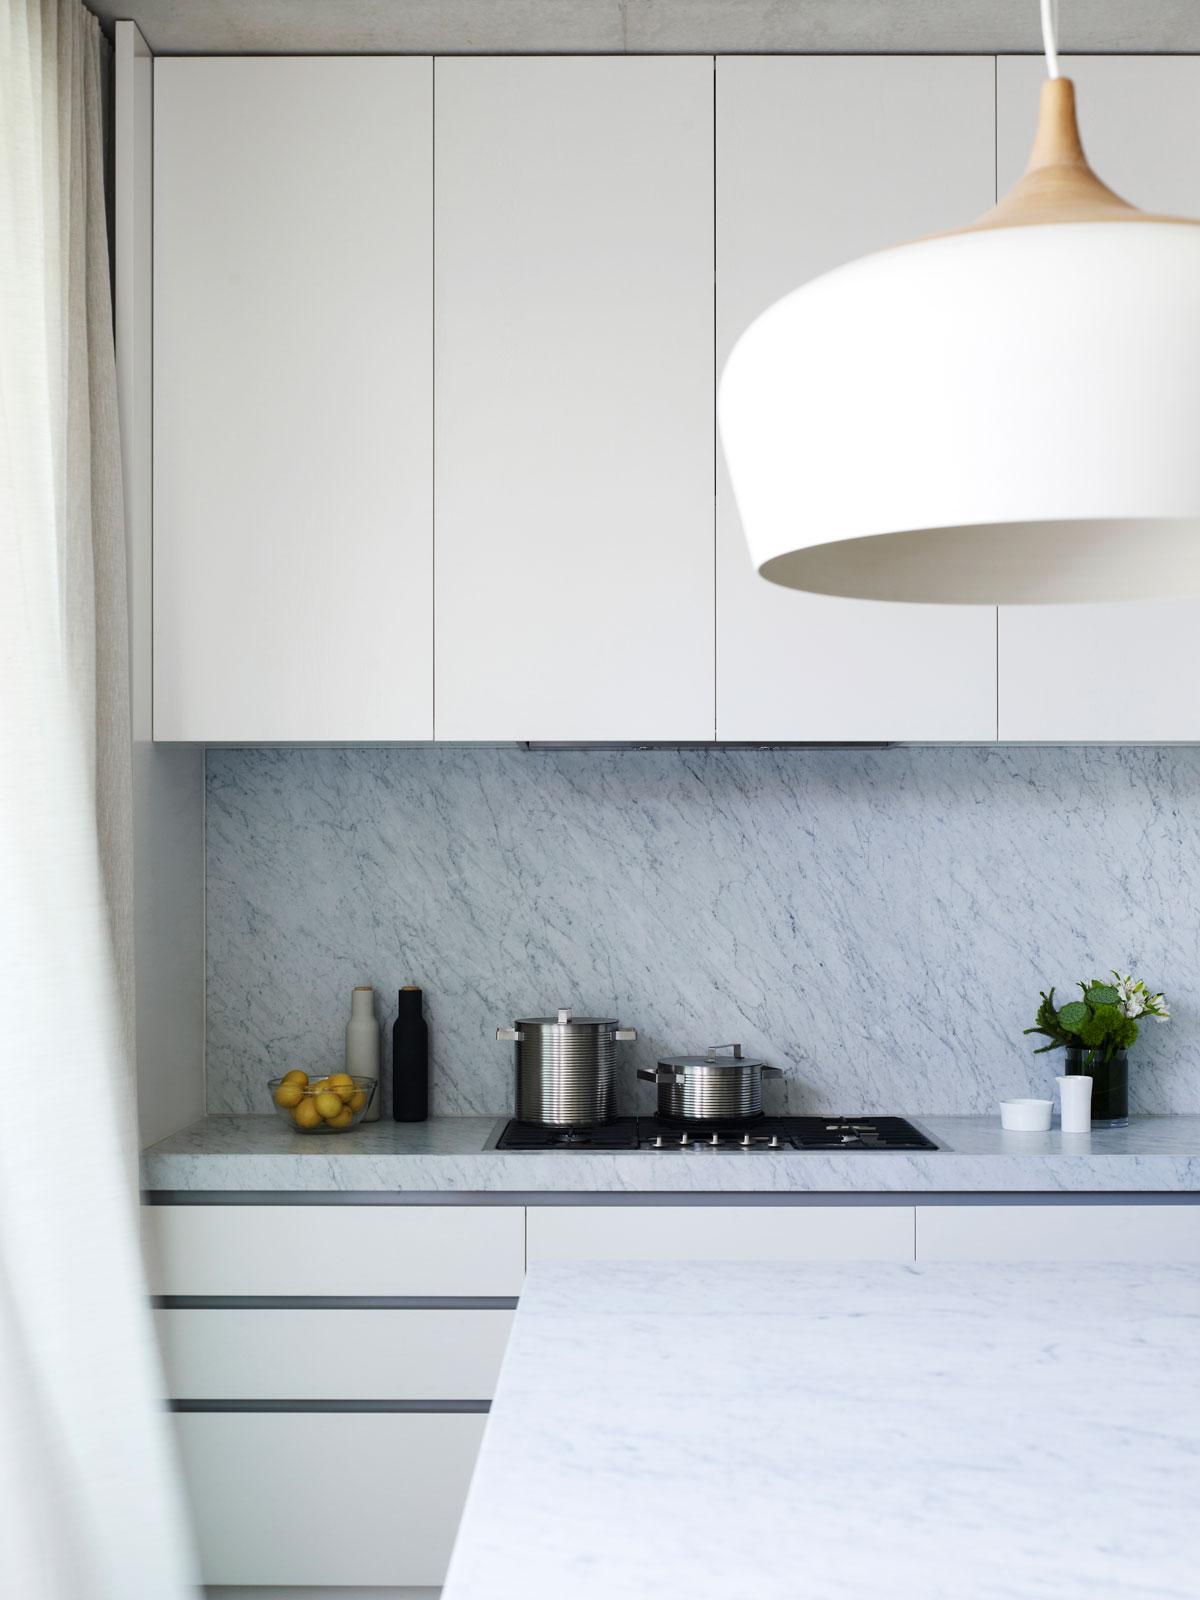 Tdc neometro architectural developments for Interior design kitchen splashbacks